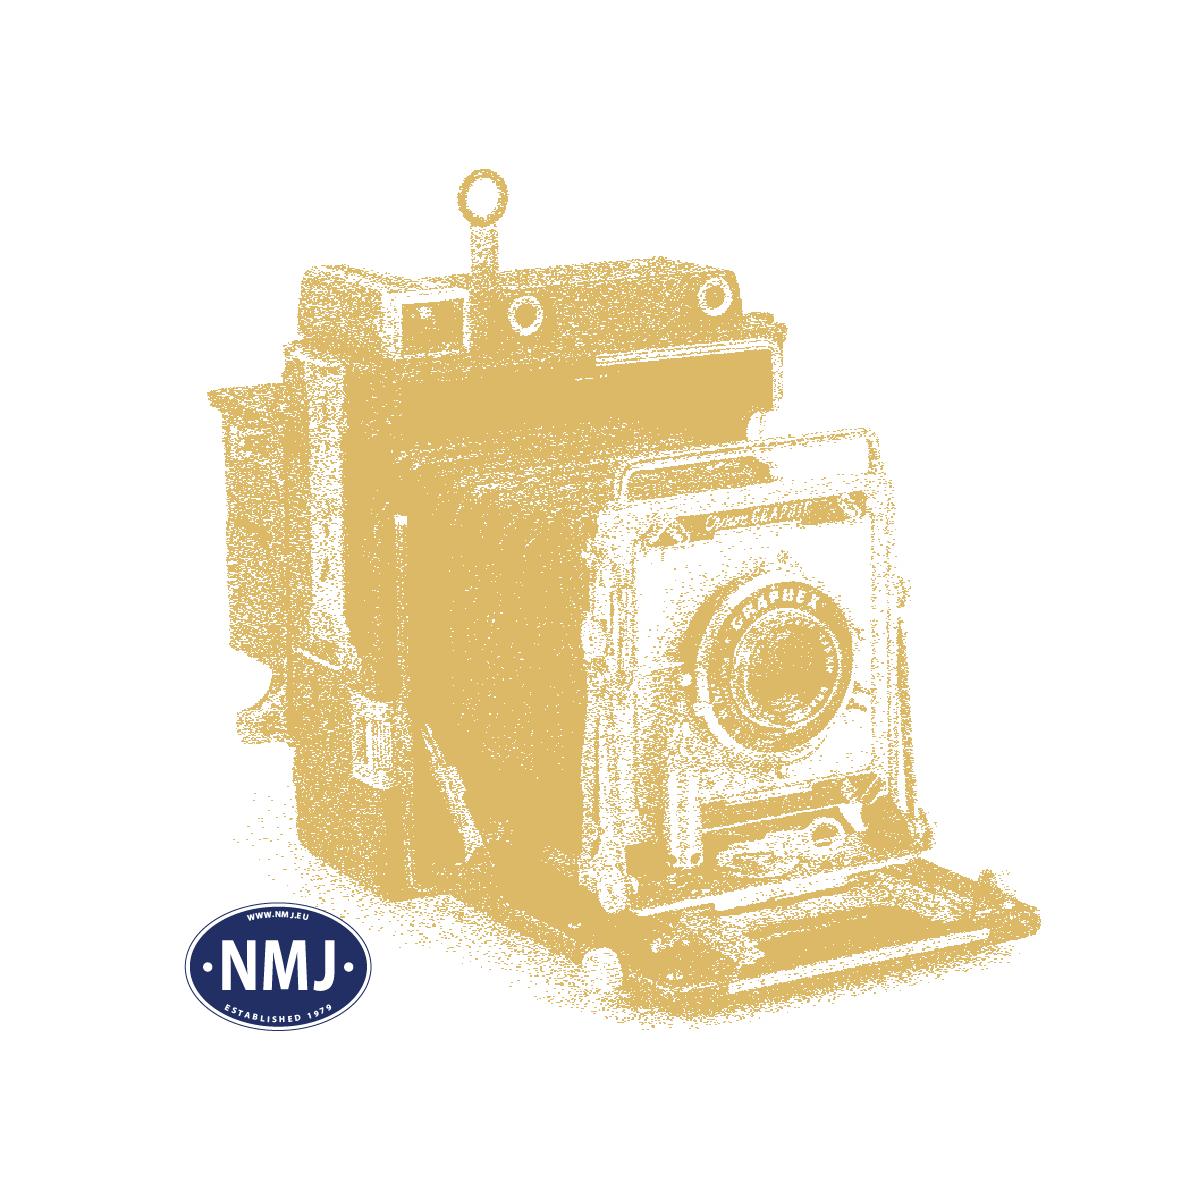 NMJT203.401 - NMJ Topline SJ AB3 4870 1/2 kl. Personvogn, blå/sort design V.2